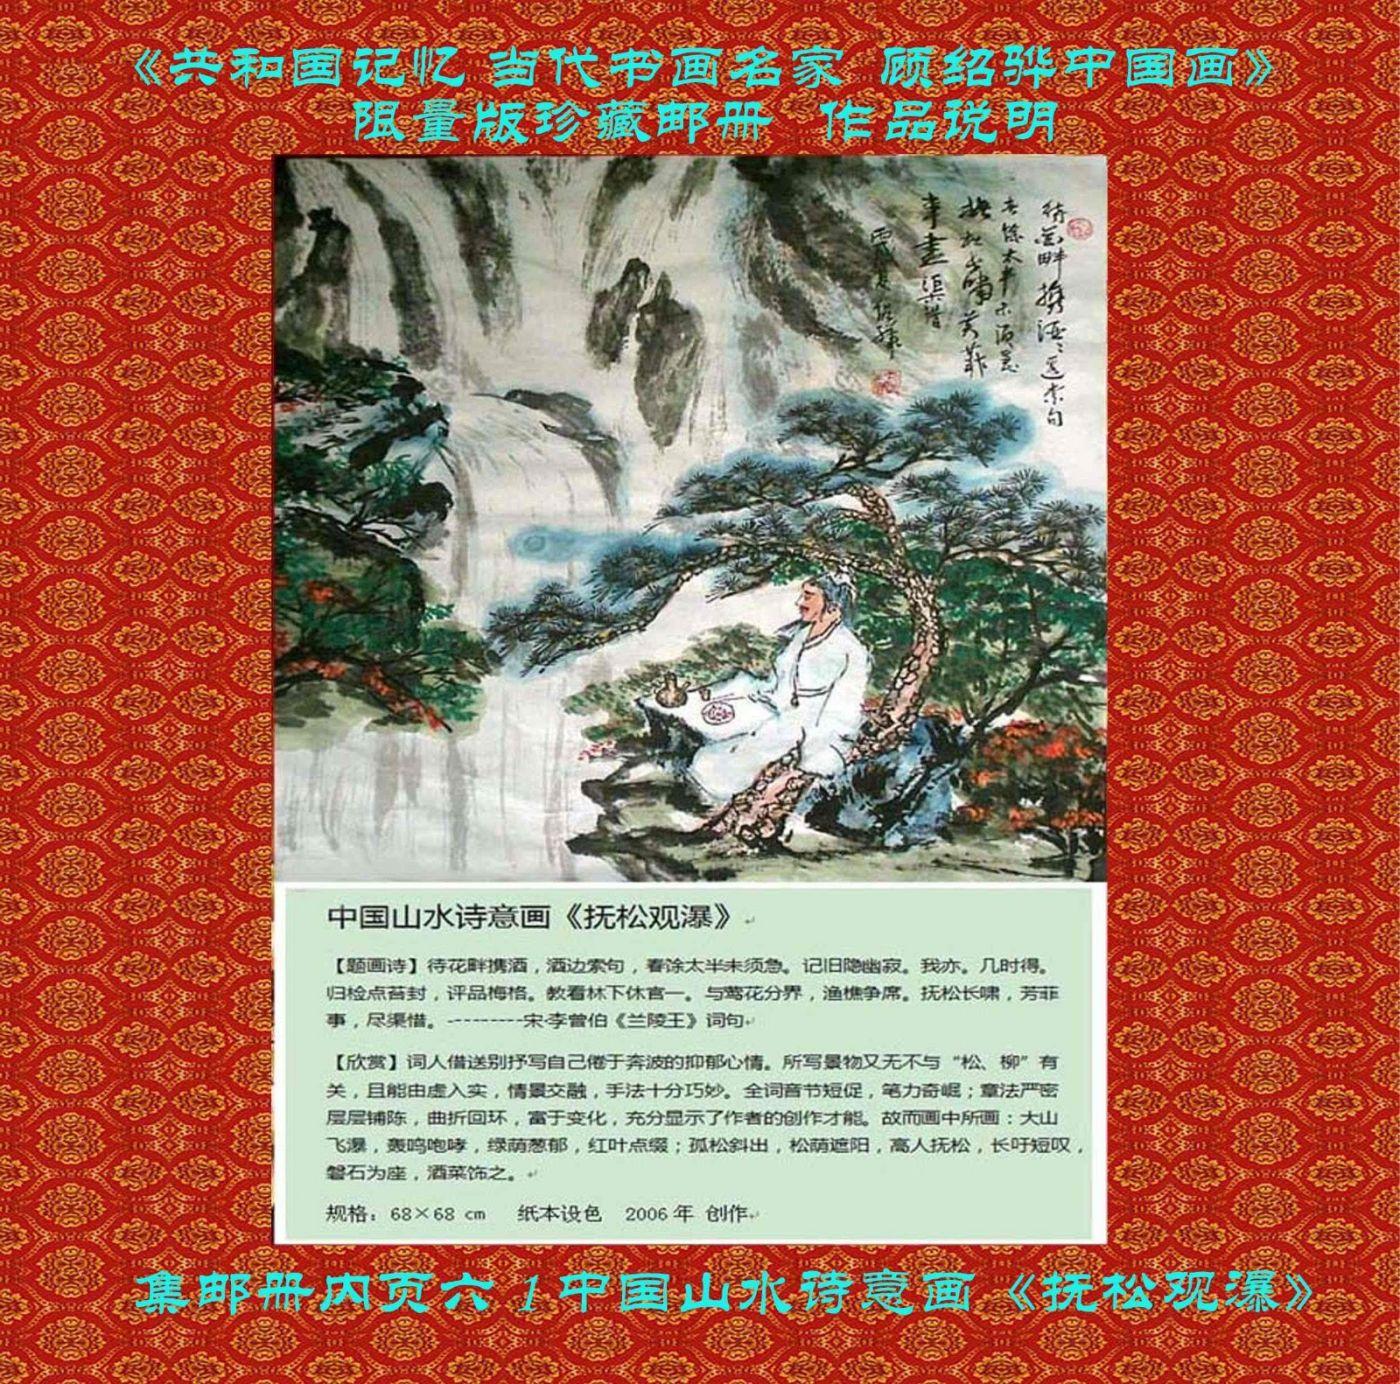 """""""顾绍骅的诗情画意""""入选《共和国记忆 ·中国书画艺术名家》限量版集邮珍藏册 ..._图1-25"""